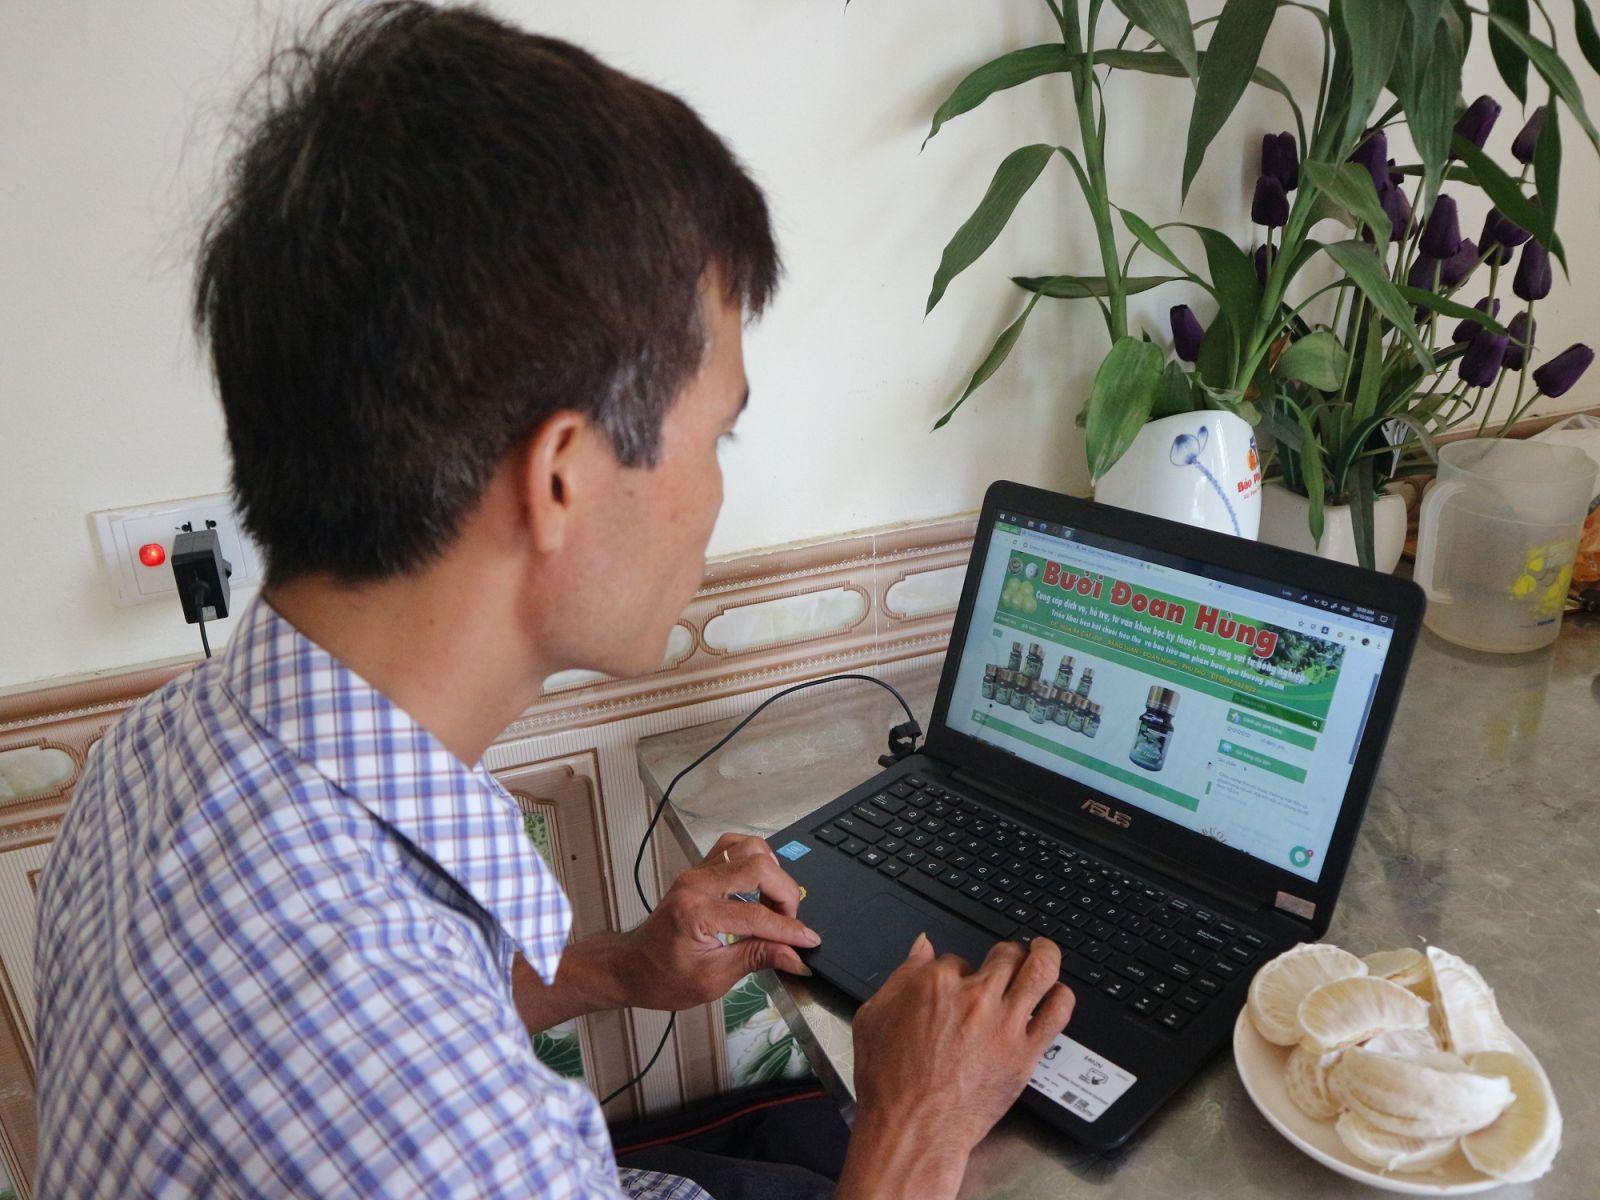 Trang Web của HTX Công nghệ cao Đoan Hùng, giúp người tiêu dùng dễ dàng kiểm tra nguồn gốc, hồ sơ pháp lý của sản phẩm